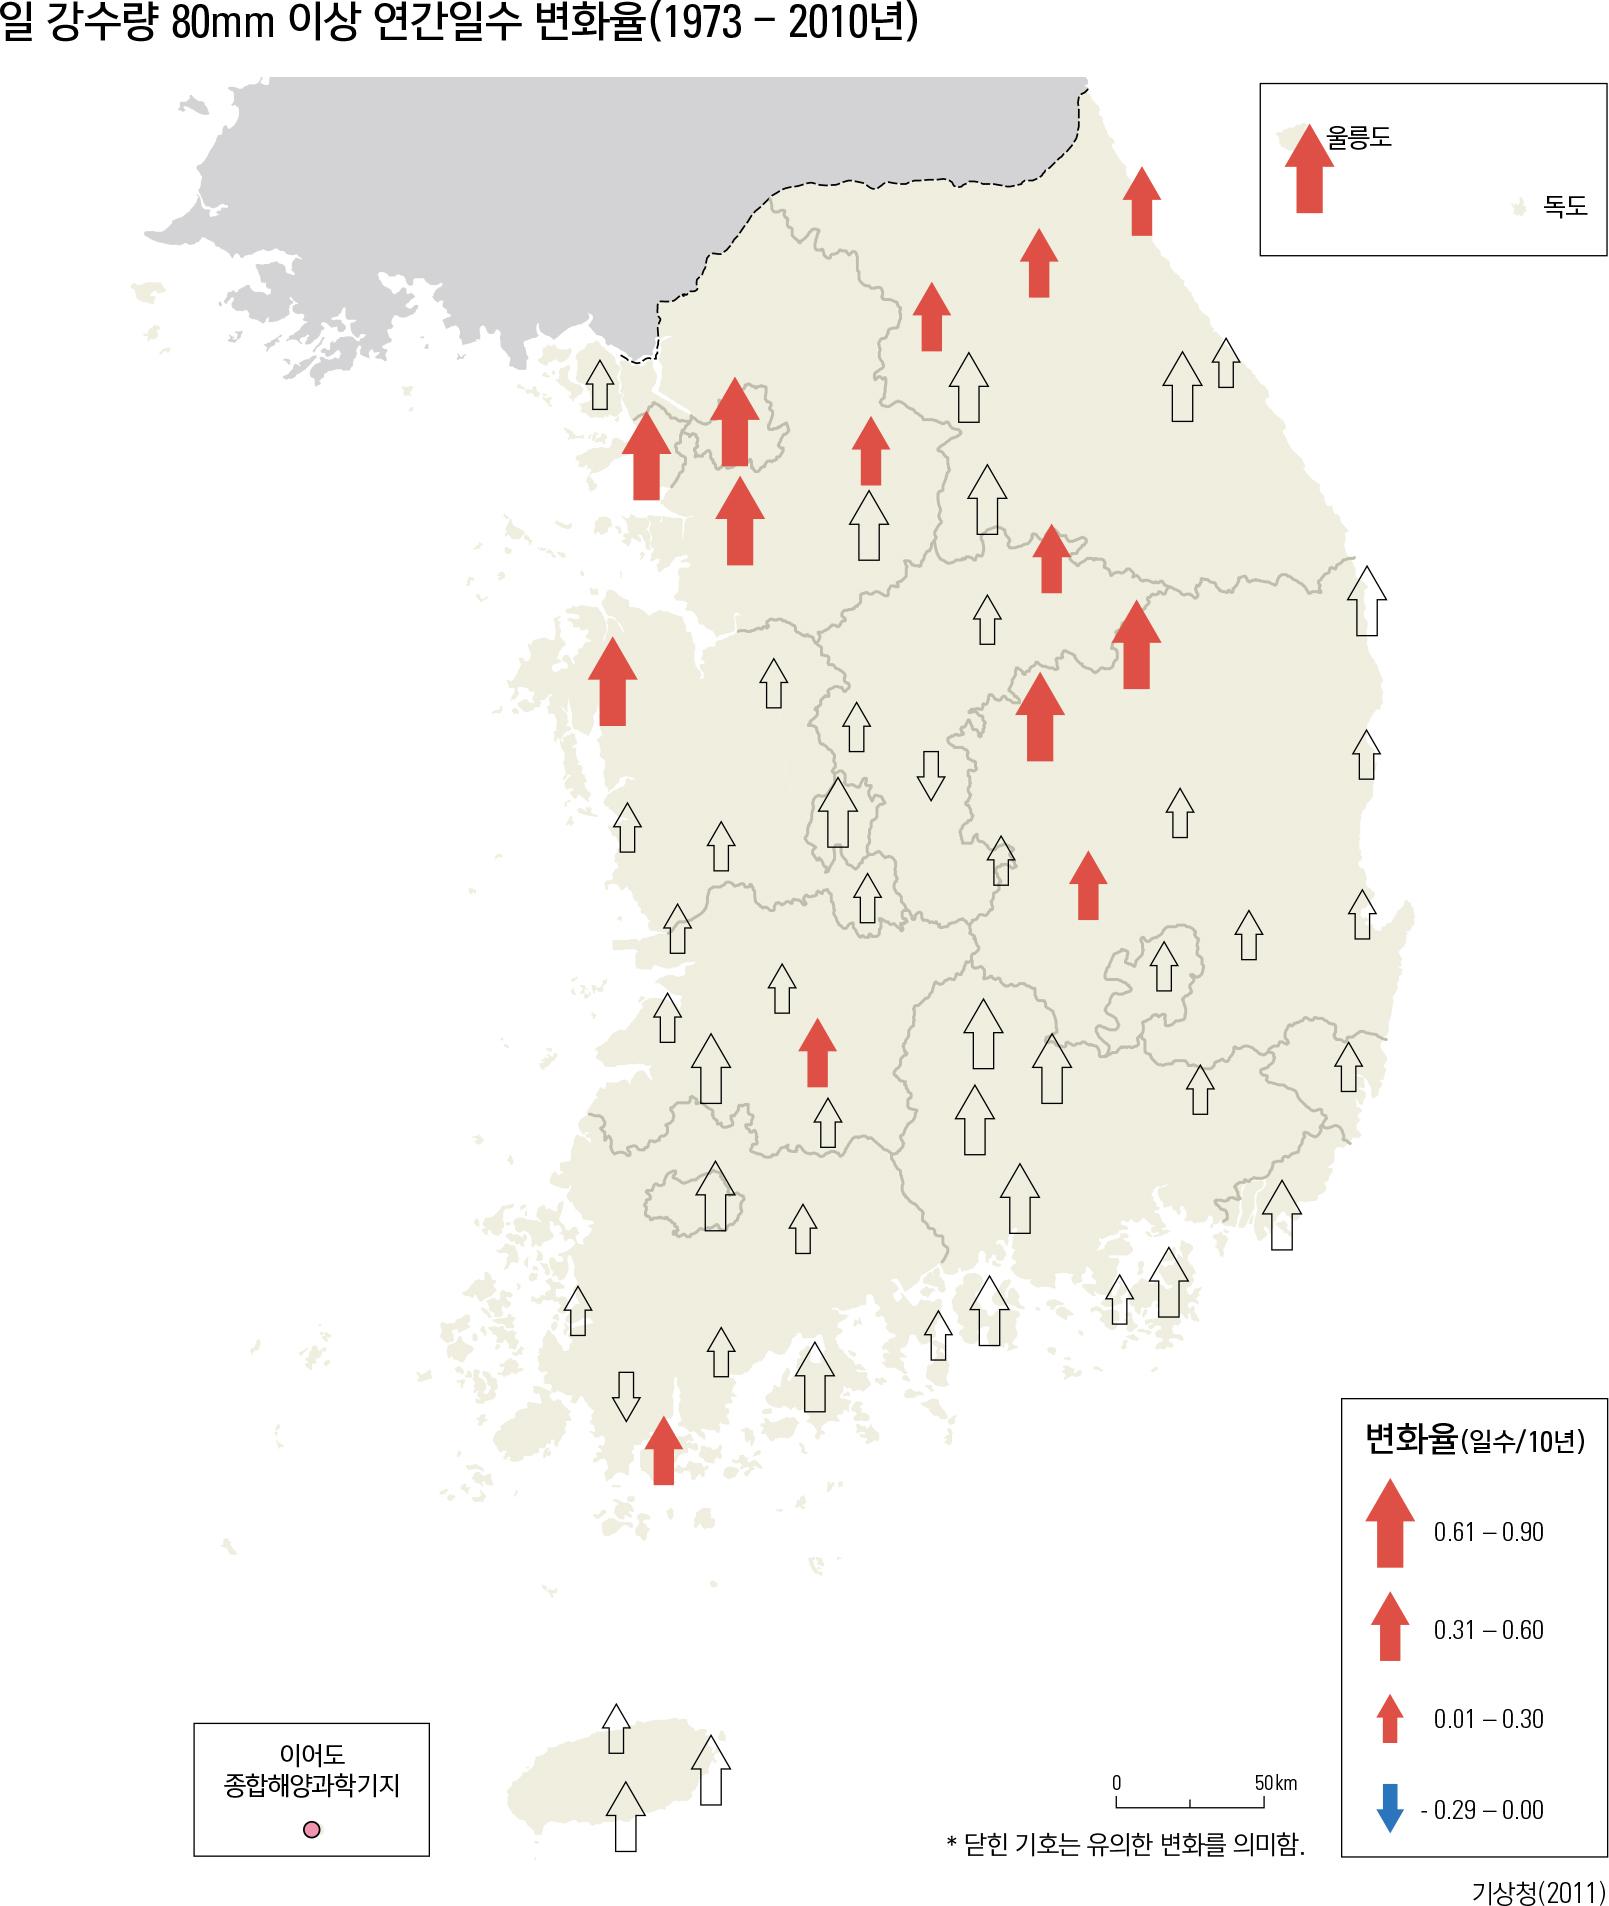 일 강수량 80mm 이상 연간일수 변화율(1973 - 2010년)